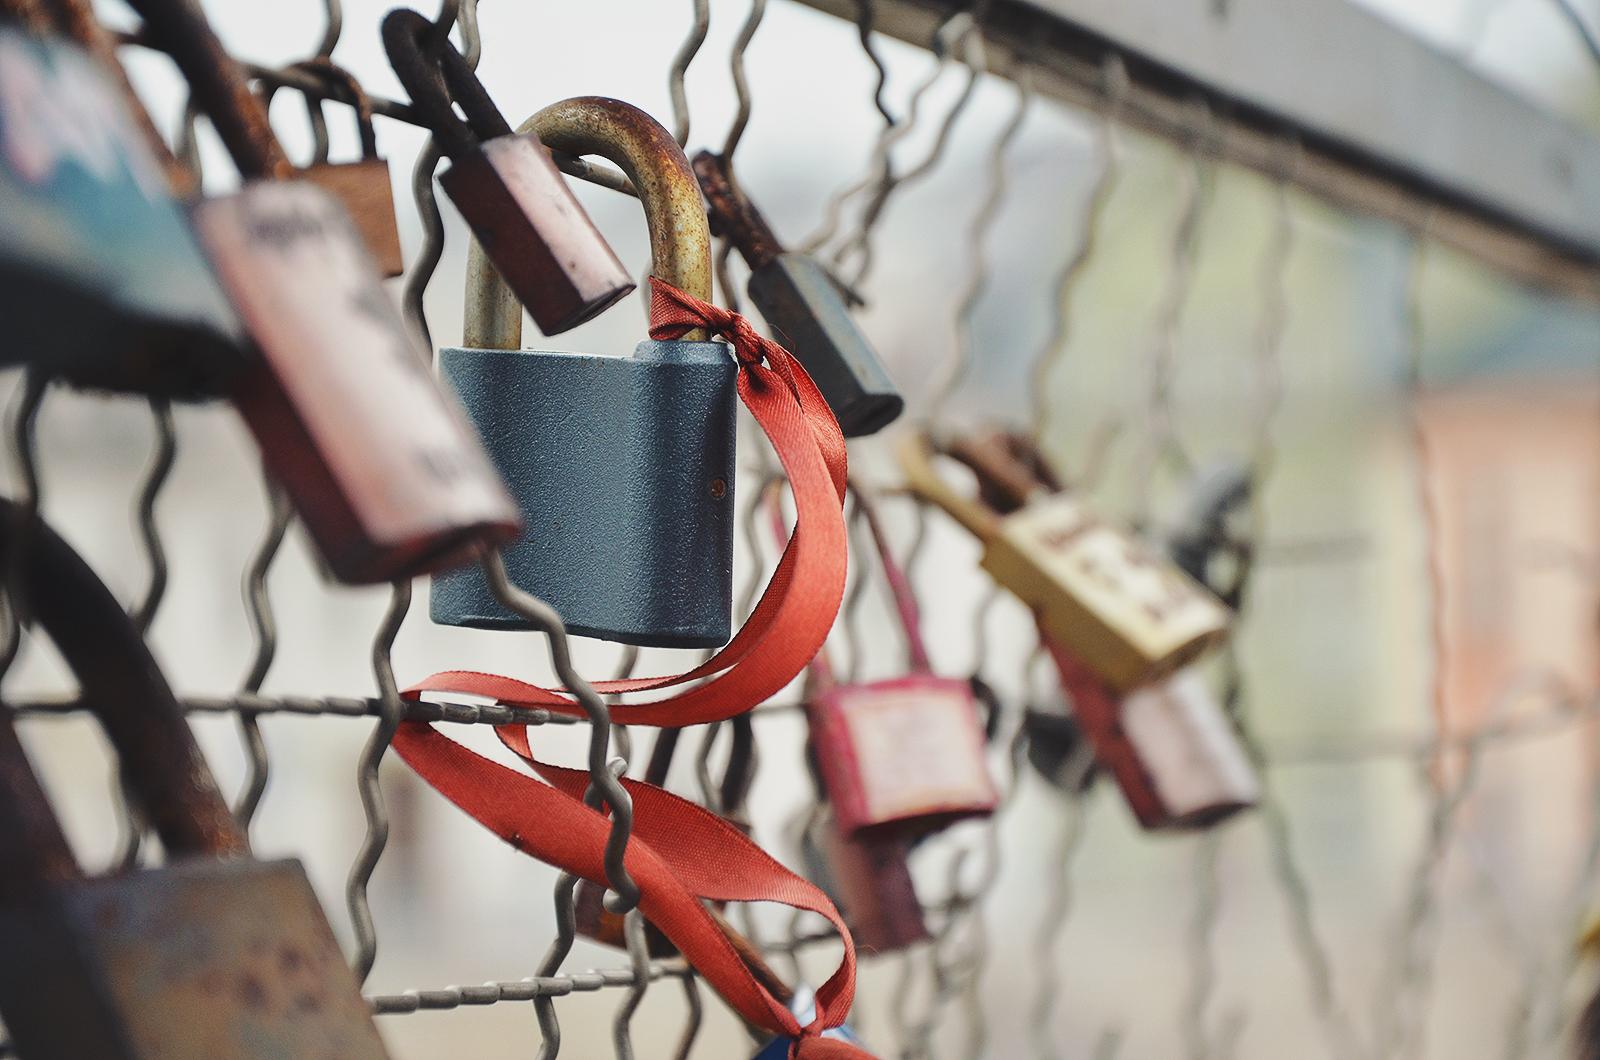 cómo recuperarse de una ruptura – 7 claves para crecer y superarte